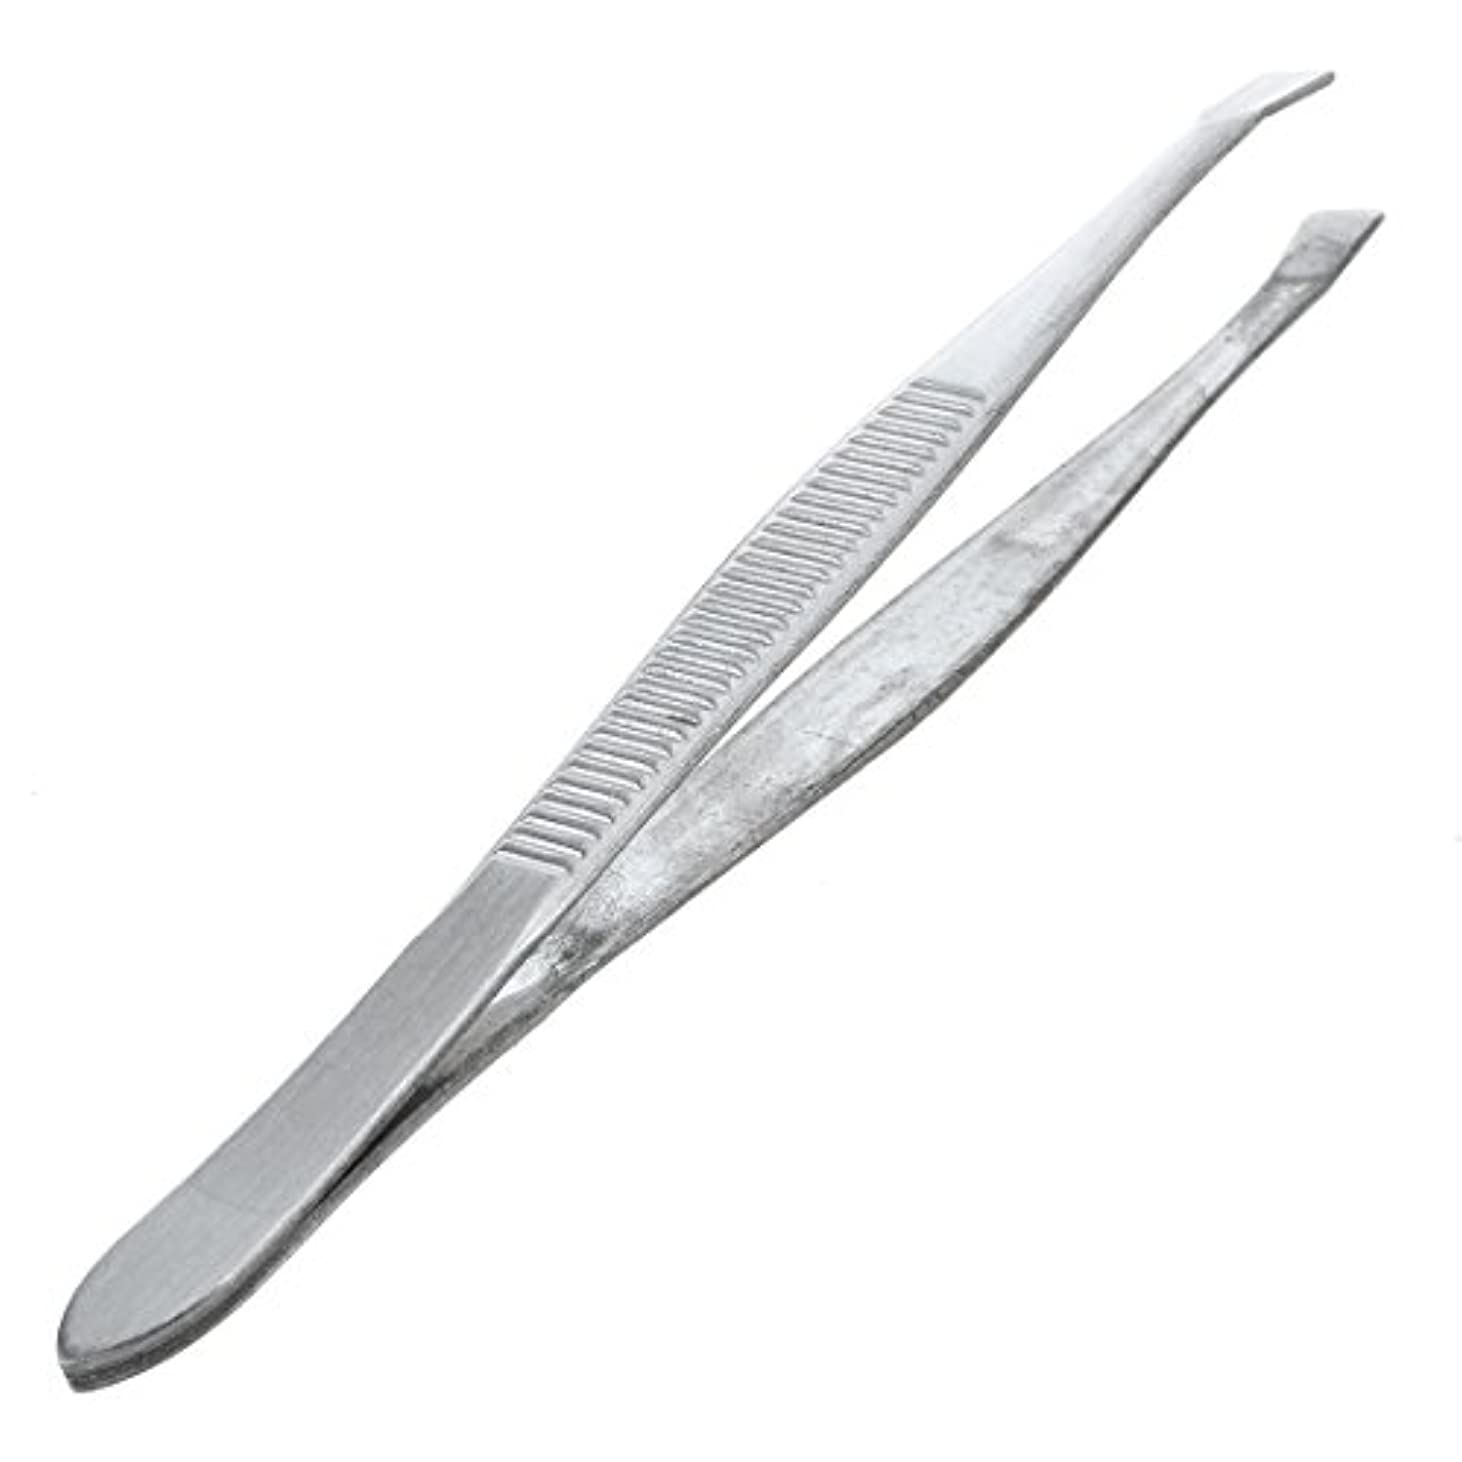 境界繁栄時期尚早Nrpfell 眉毛ピンセット 脱毛チップ 炭素鋼 傾斜 9cm シルバーカラー